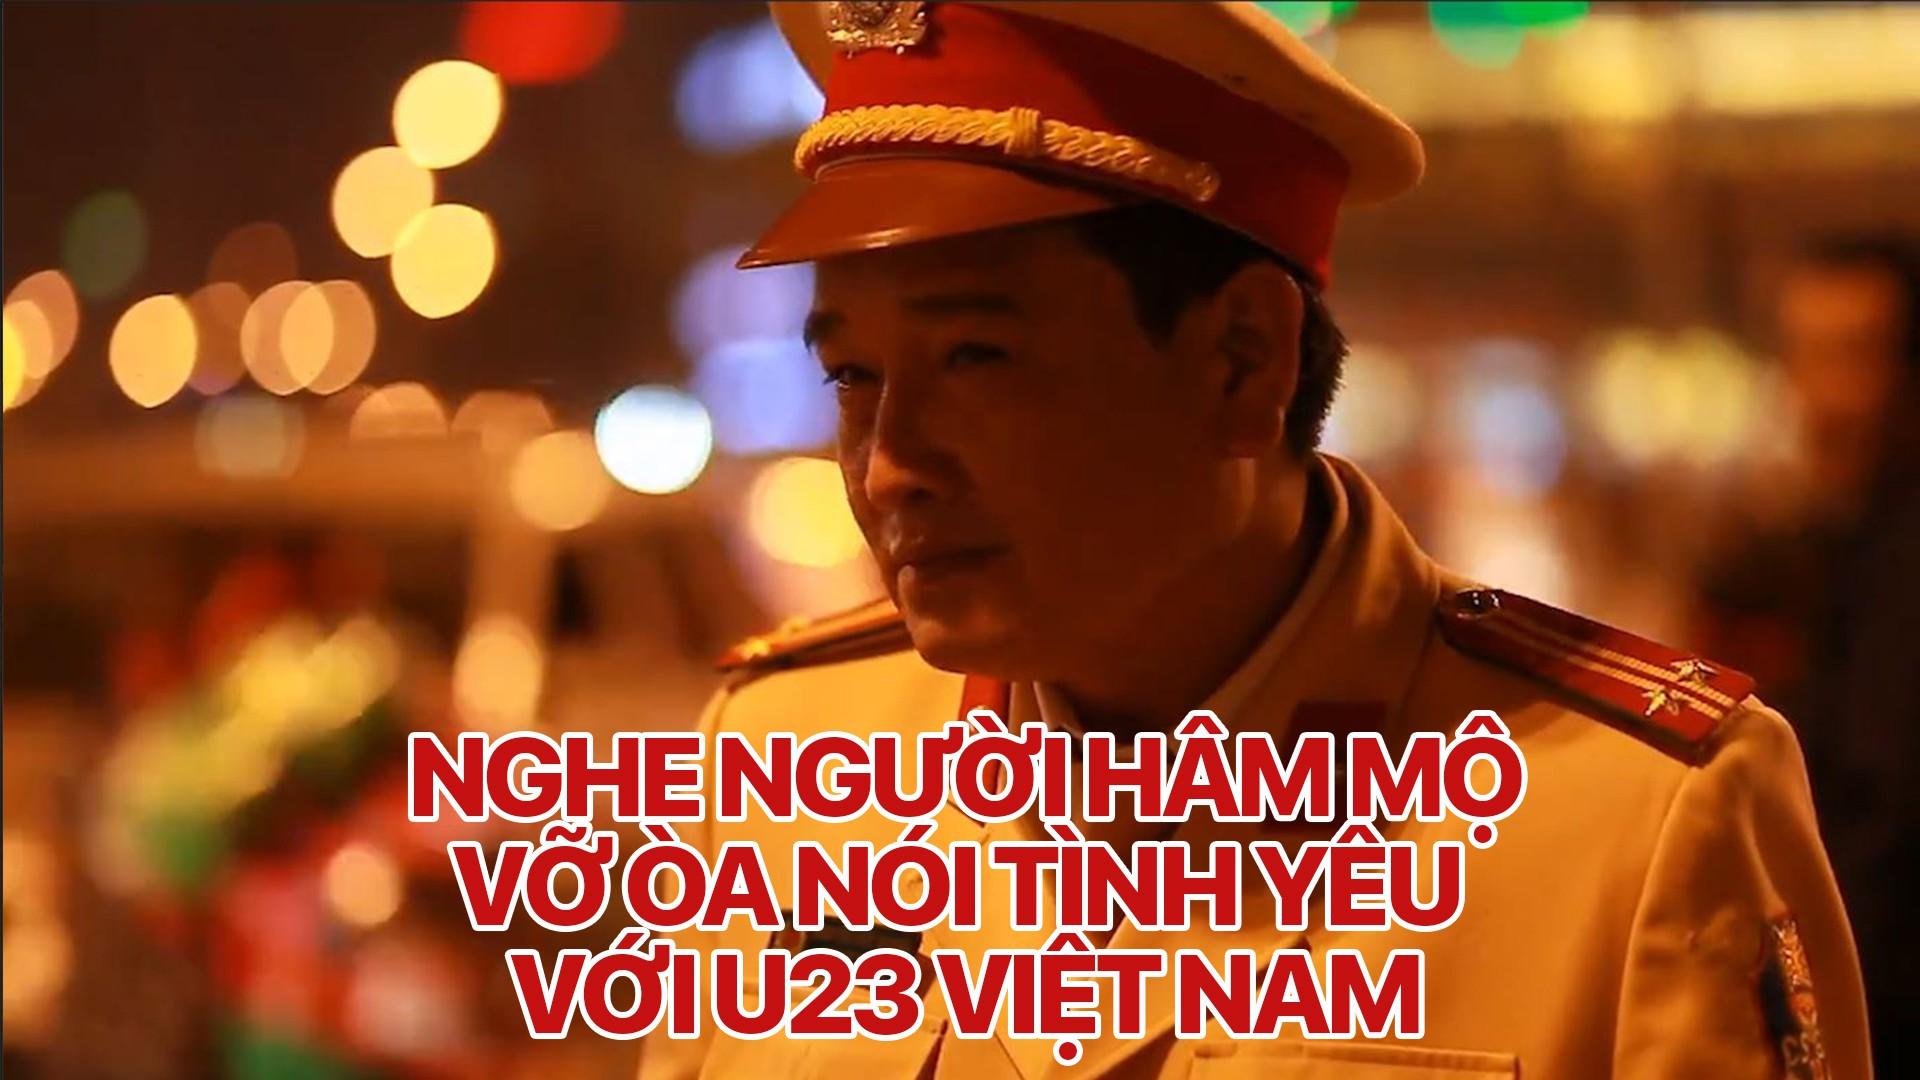 Người hâm mộ vỡ òa nói tình yêu với U23 Việt Nam